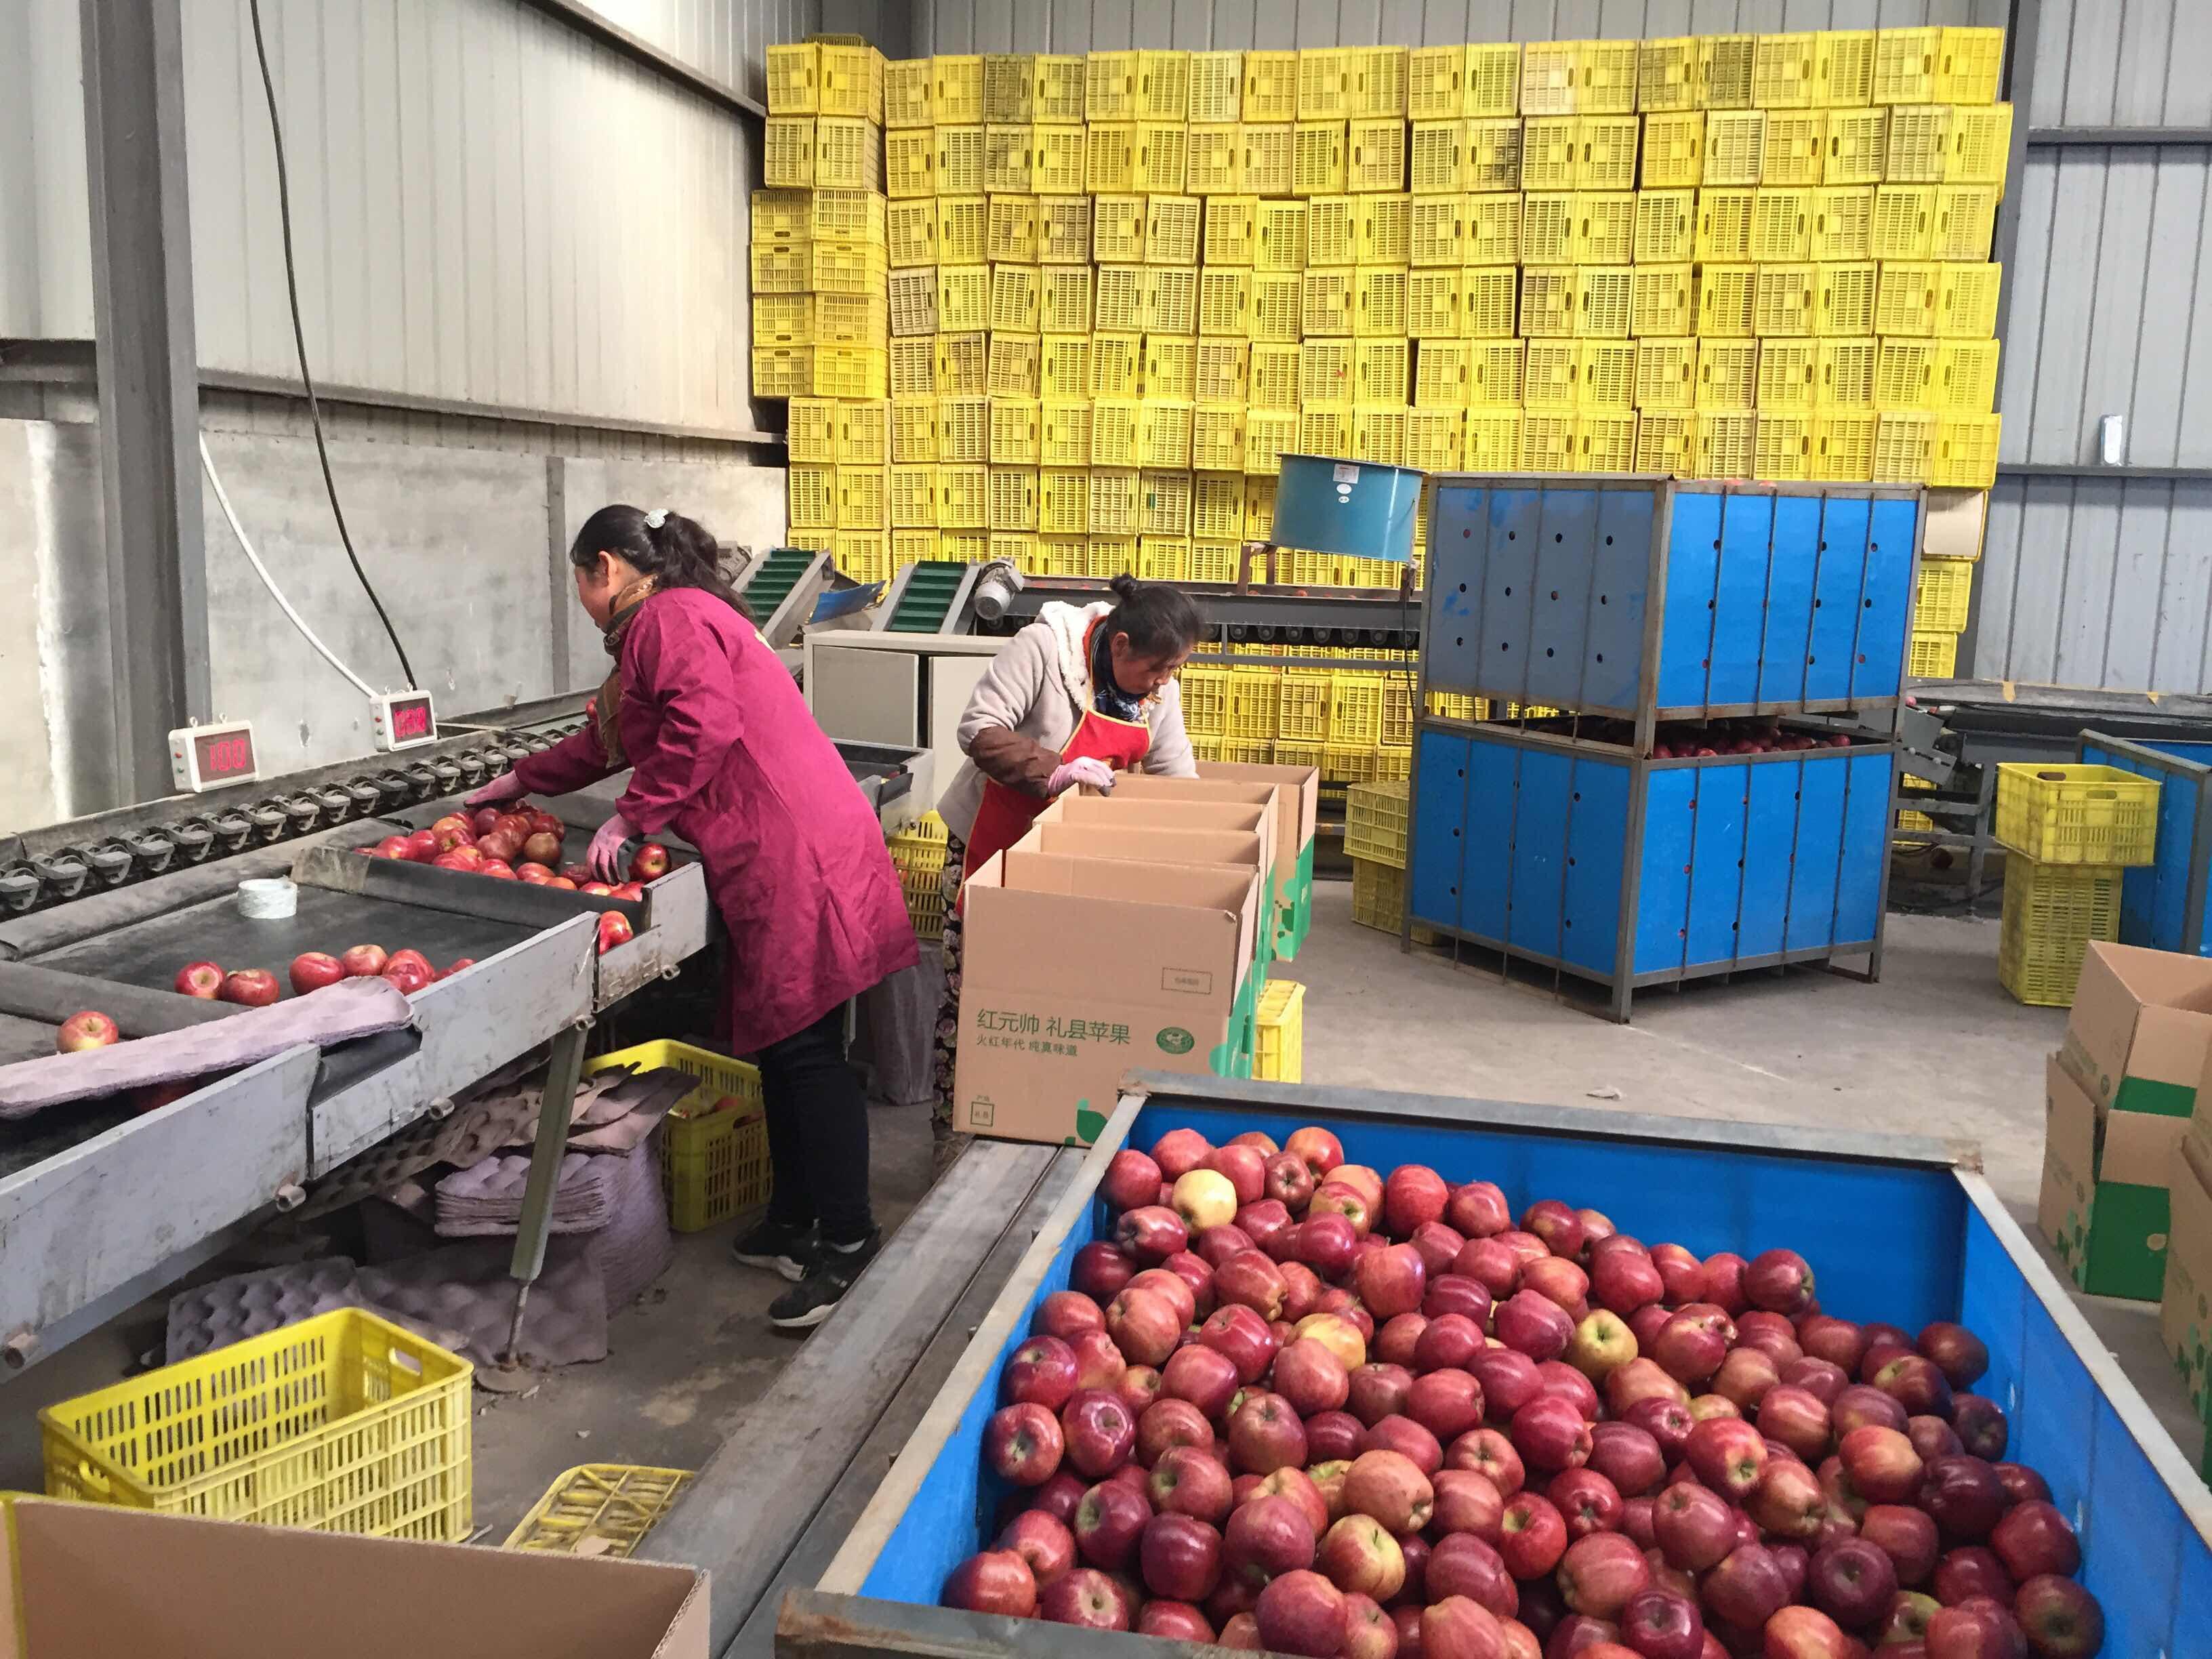 """礼县苹果正在通过分拣设备。从""""全国最便宜的苹果""""到一天卖出50万斤,通过阿里巴巴农村淘宝,礼县苹果实现逆袭。"""